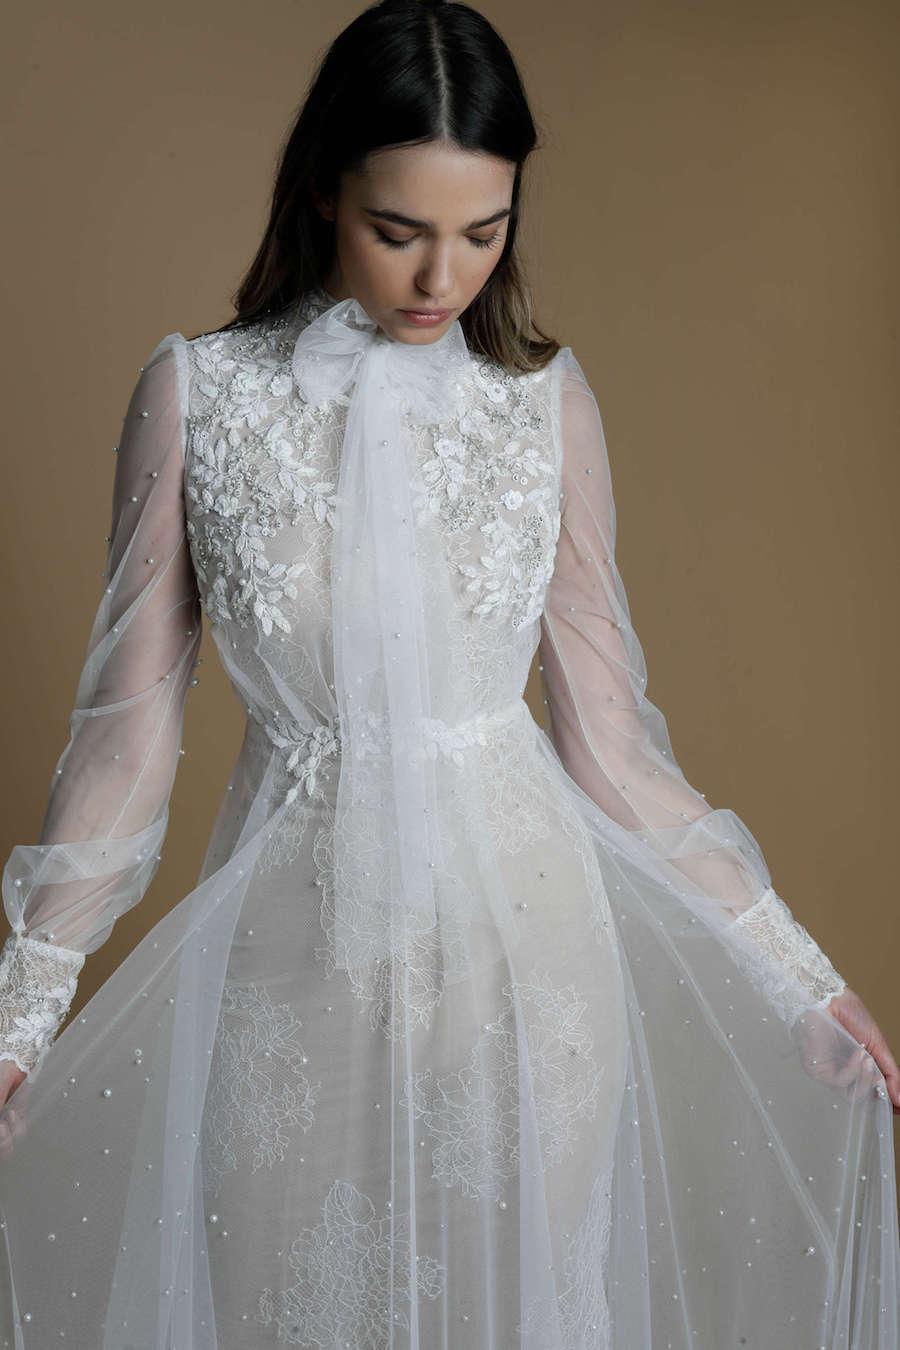 25 שמלות כלה עם שרוולים ארוכים שיגנבו את ההצגה